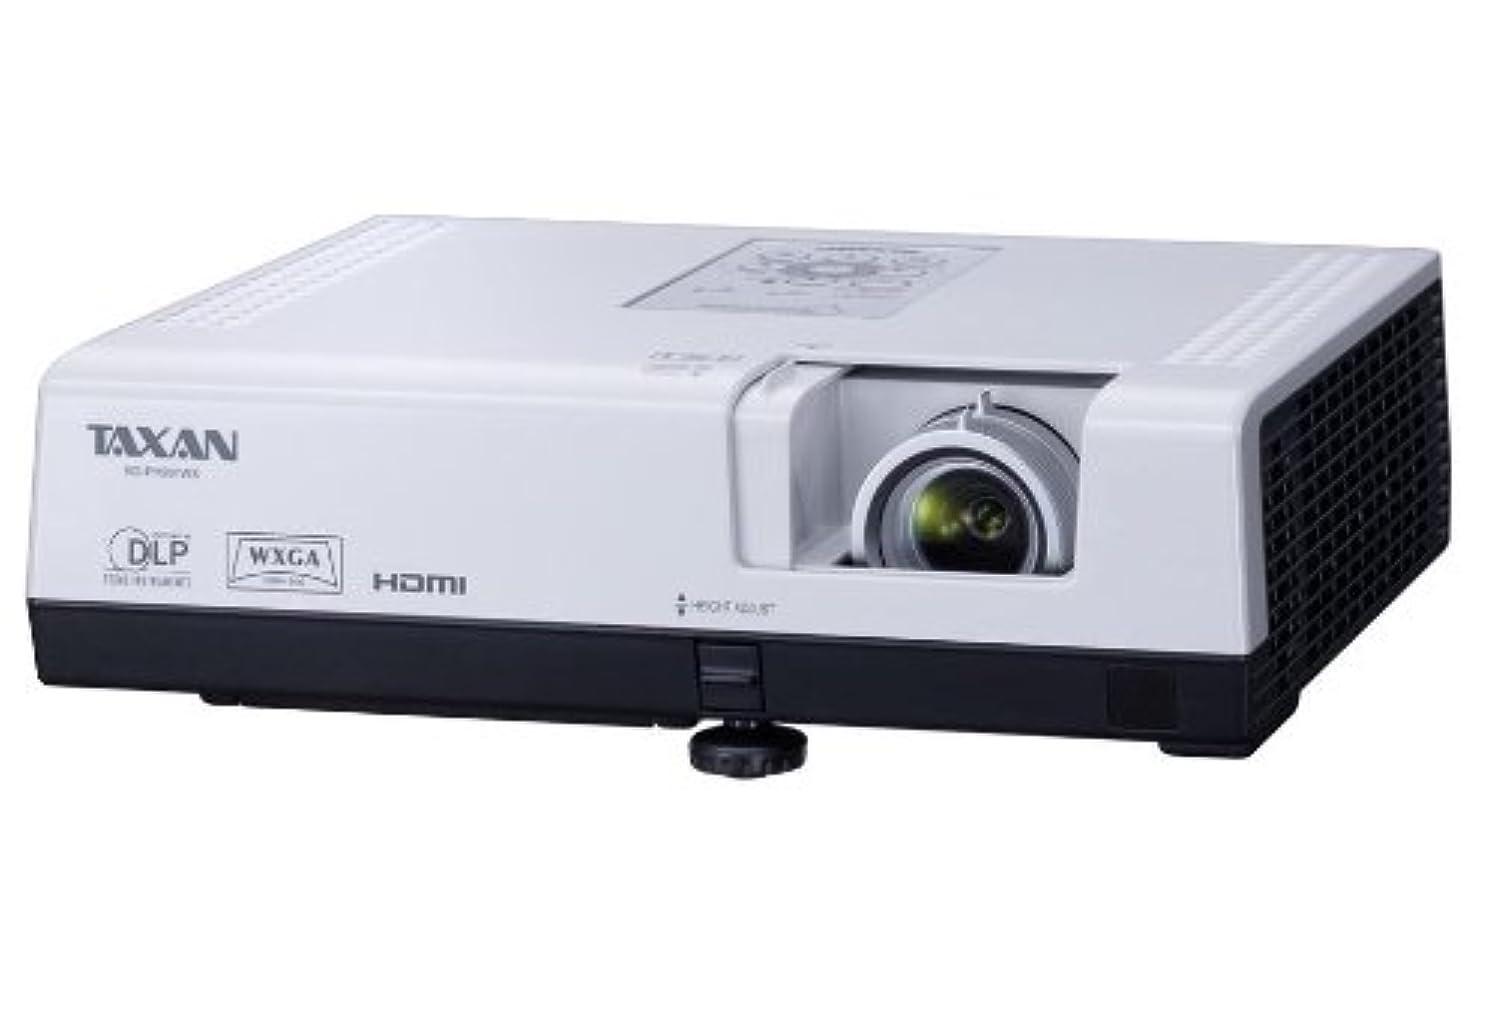 教授不規則性ピボットTAXAN データプロジェクター 3500lm WXGAリアル表示 2.8kg DLP方式 KG-PH201WX